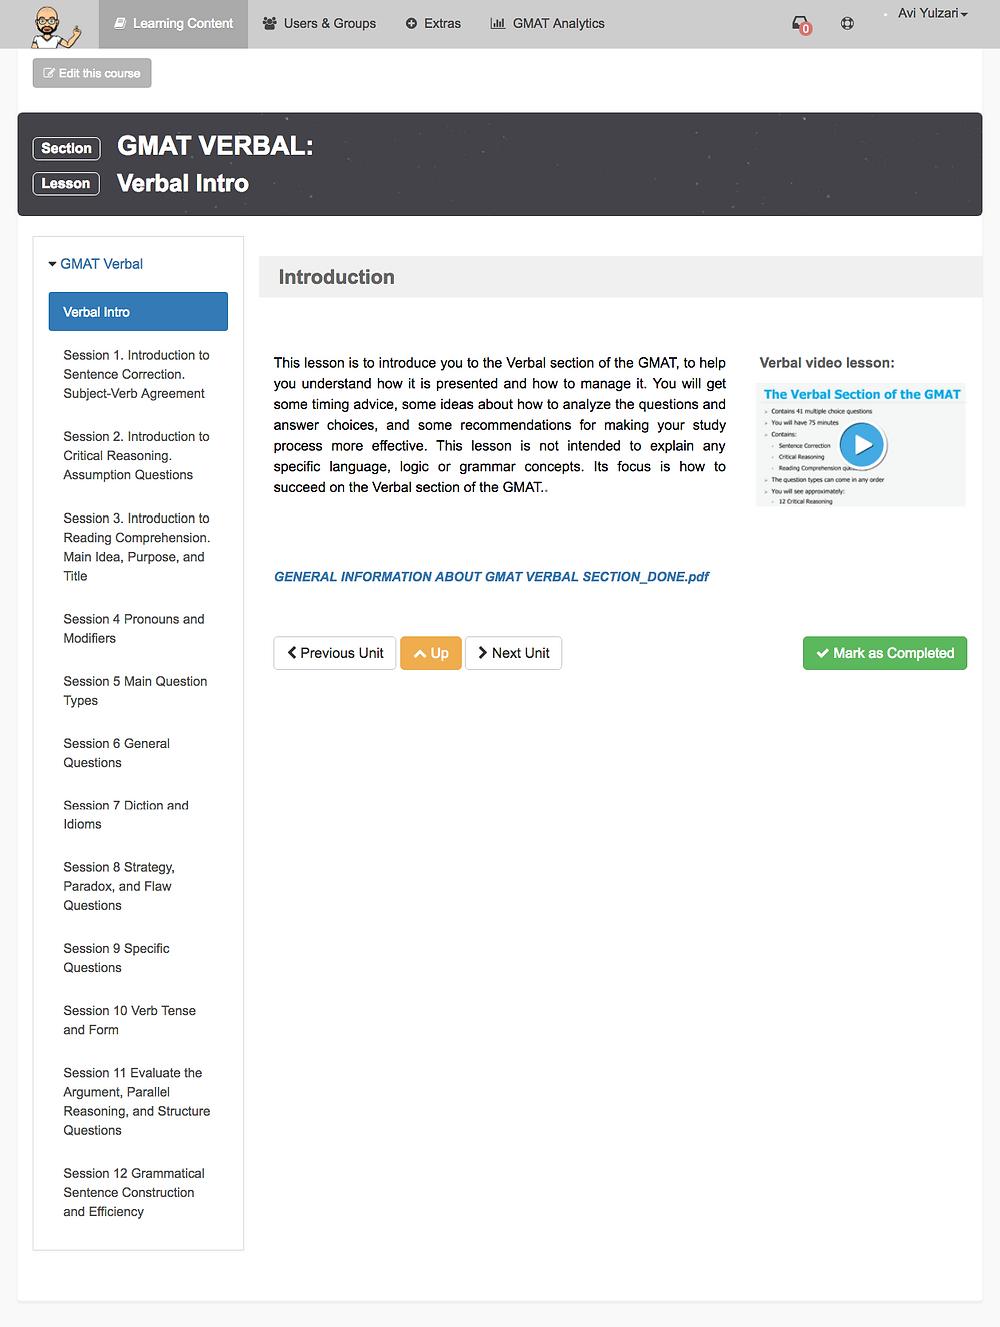 קורס GMAT מילולי: מסך הבית